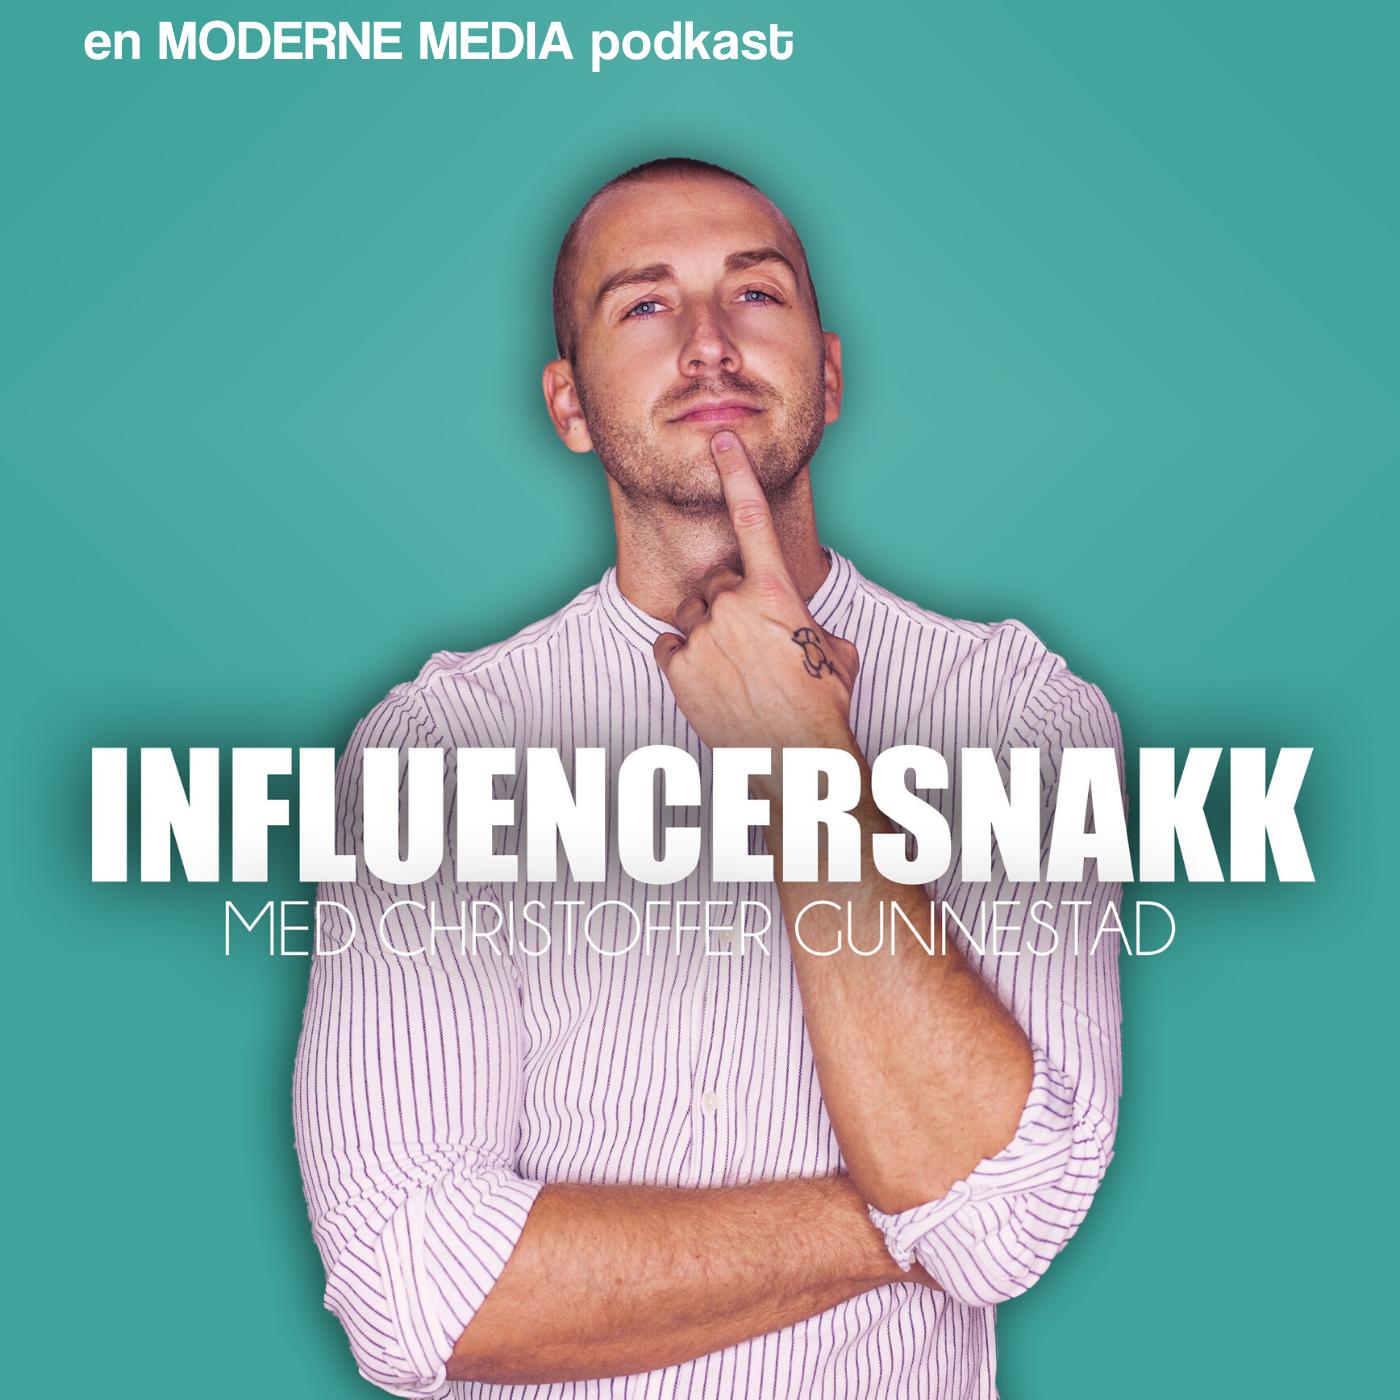 Influencersnakk med Christoffer Gunnestad